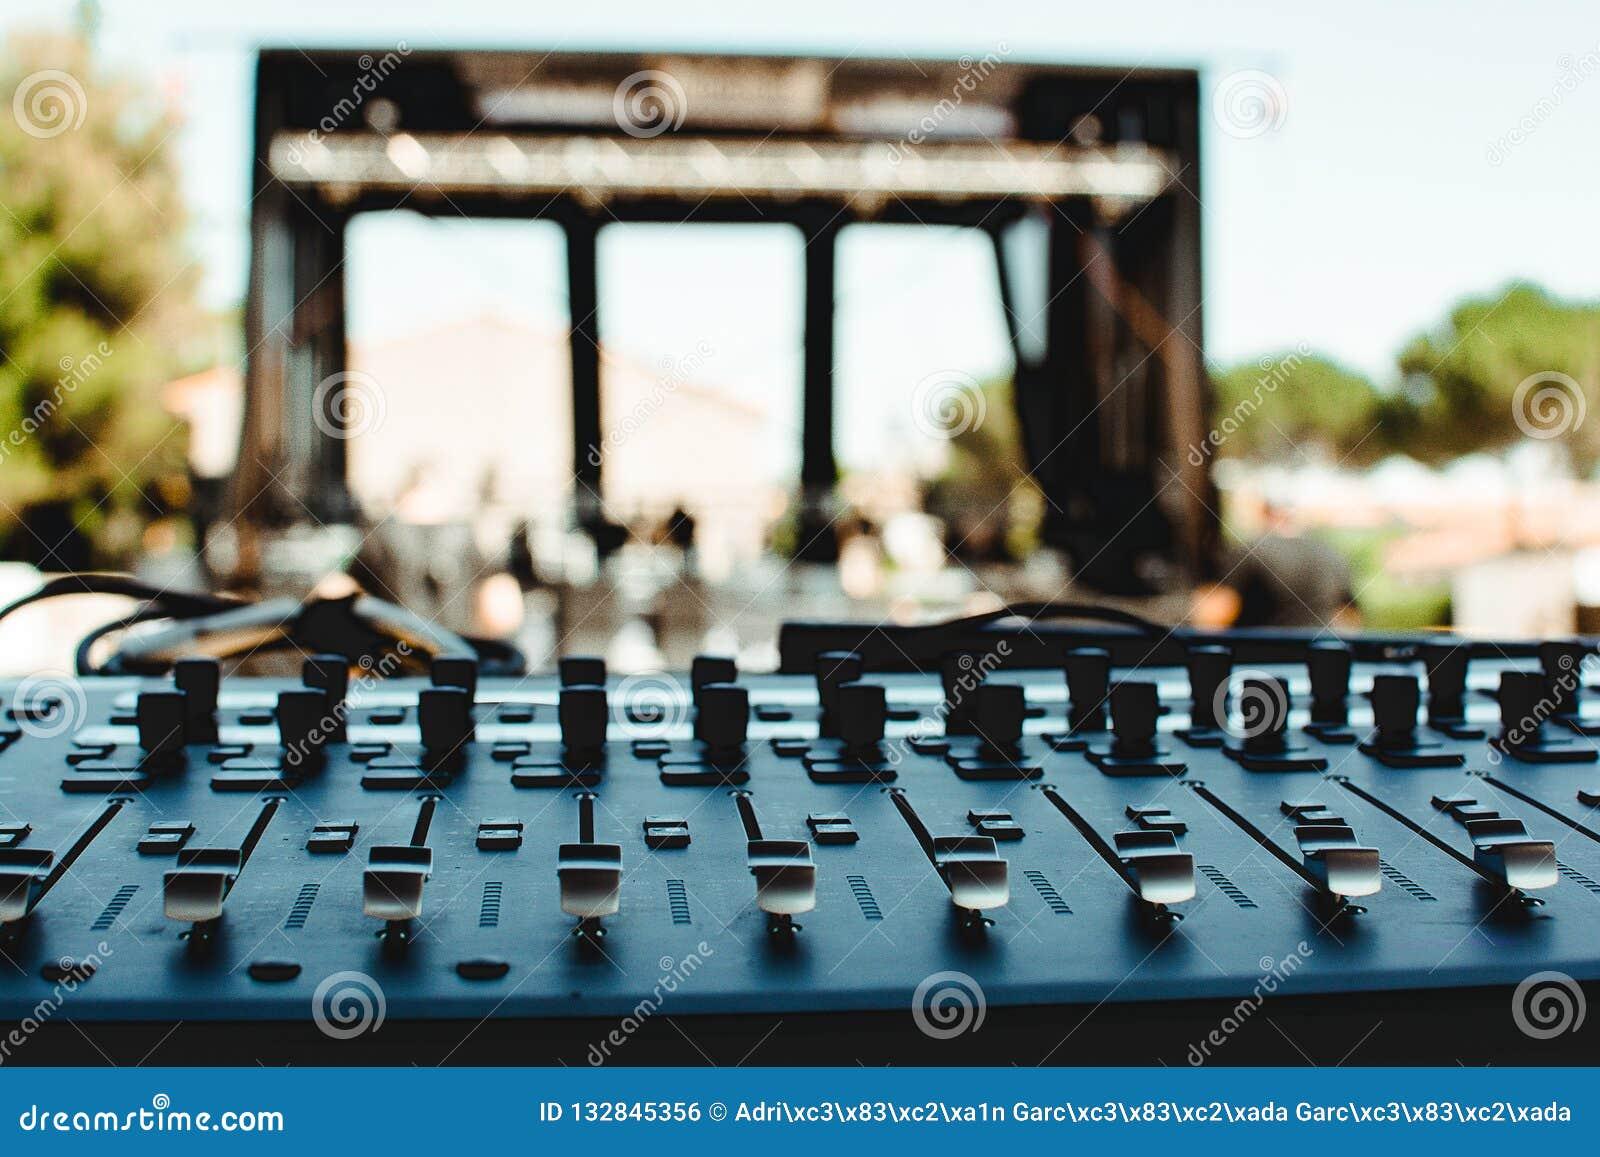 Tabla de los sonidos antes de un concierto